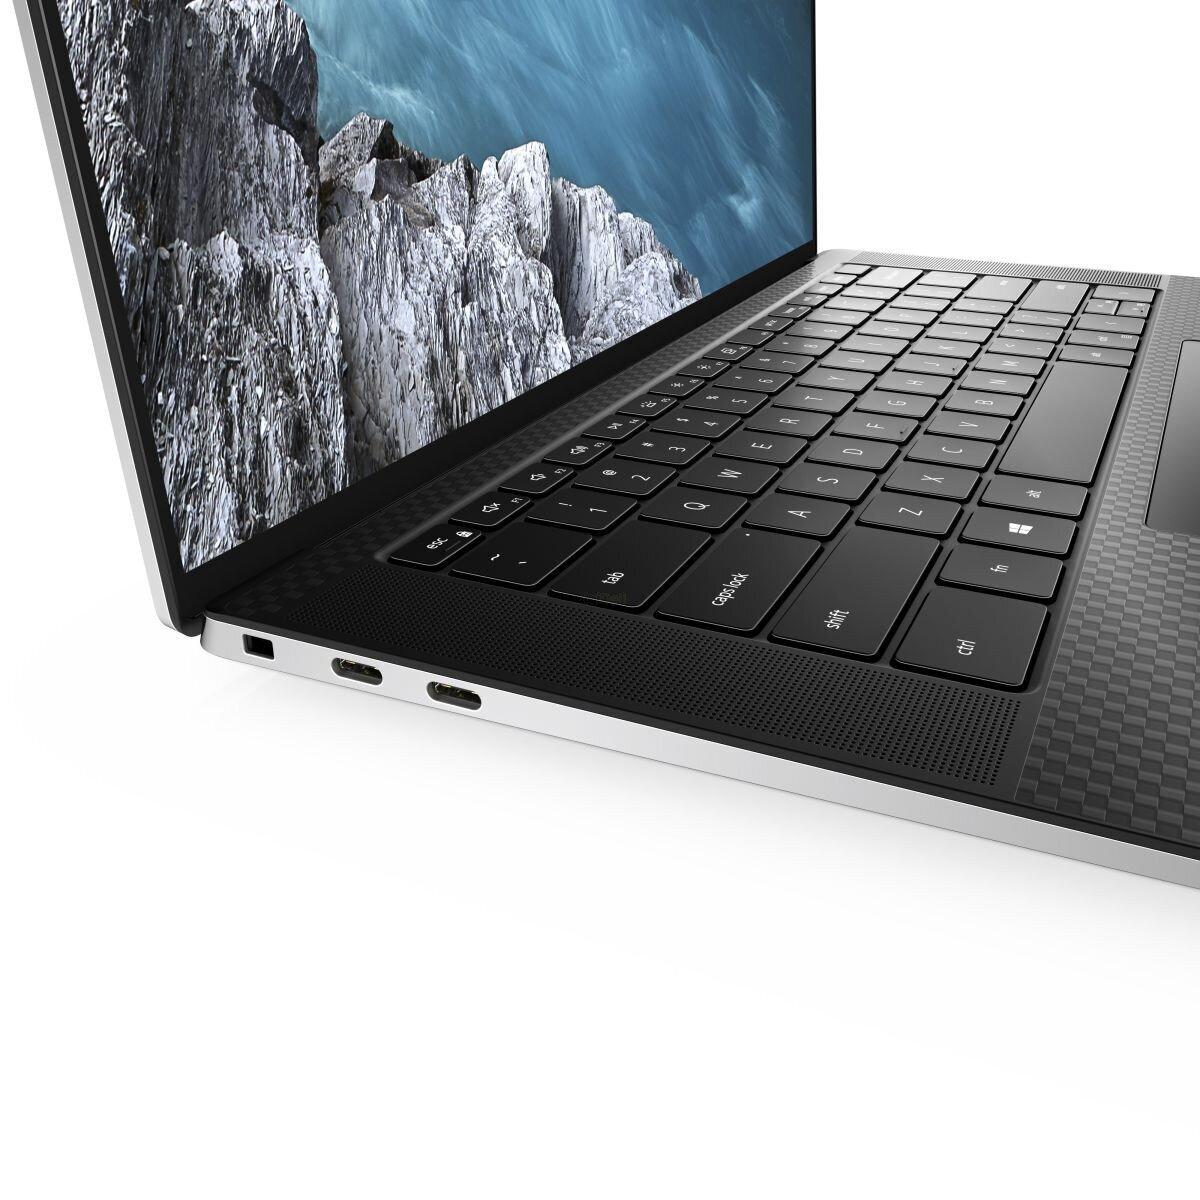 Dell XPS 15 9500 FHD+ i7 16GB 512GB GTX1650Ti W10